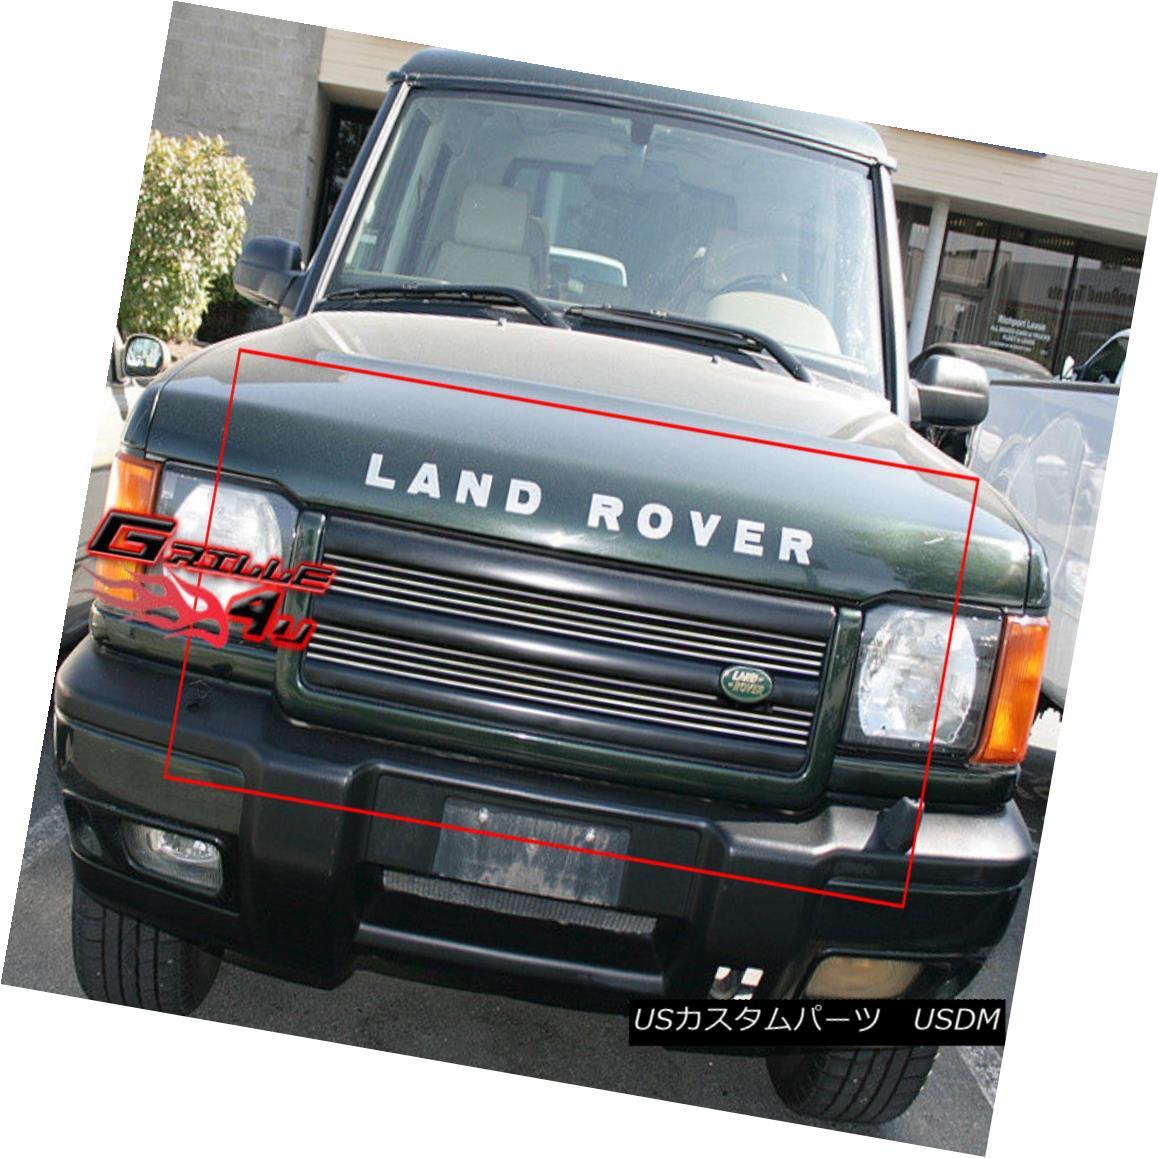 グリル Fits 1999-2002 Land Rover Discovery Billet Grille Insert 1999?2002年のLand Rover Discovery Billet Grilleインサートに適合